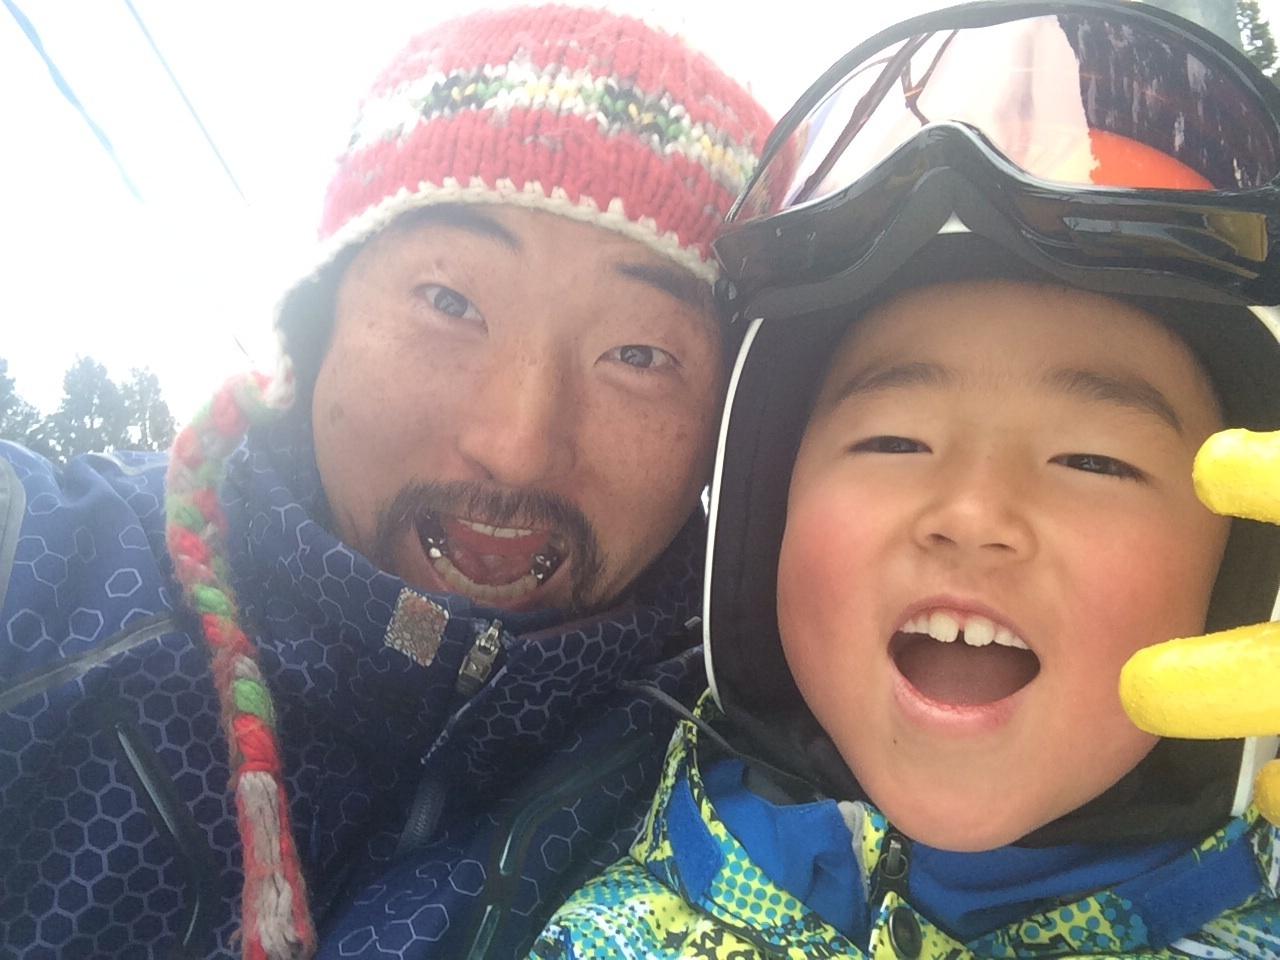 スキー三昧な毎日です!!_f0101226_12453386.jpg